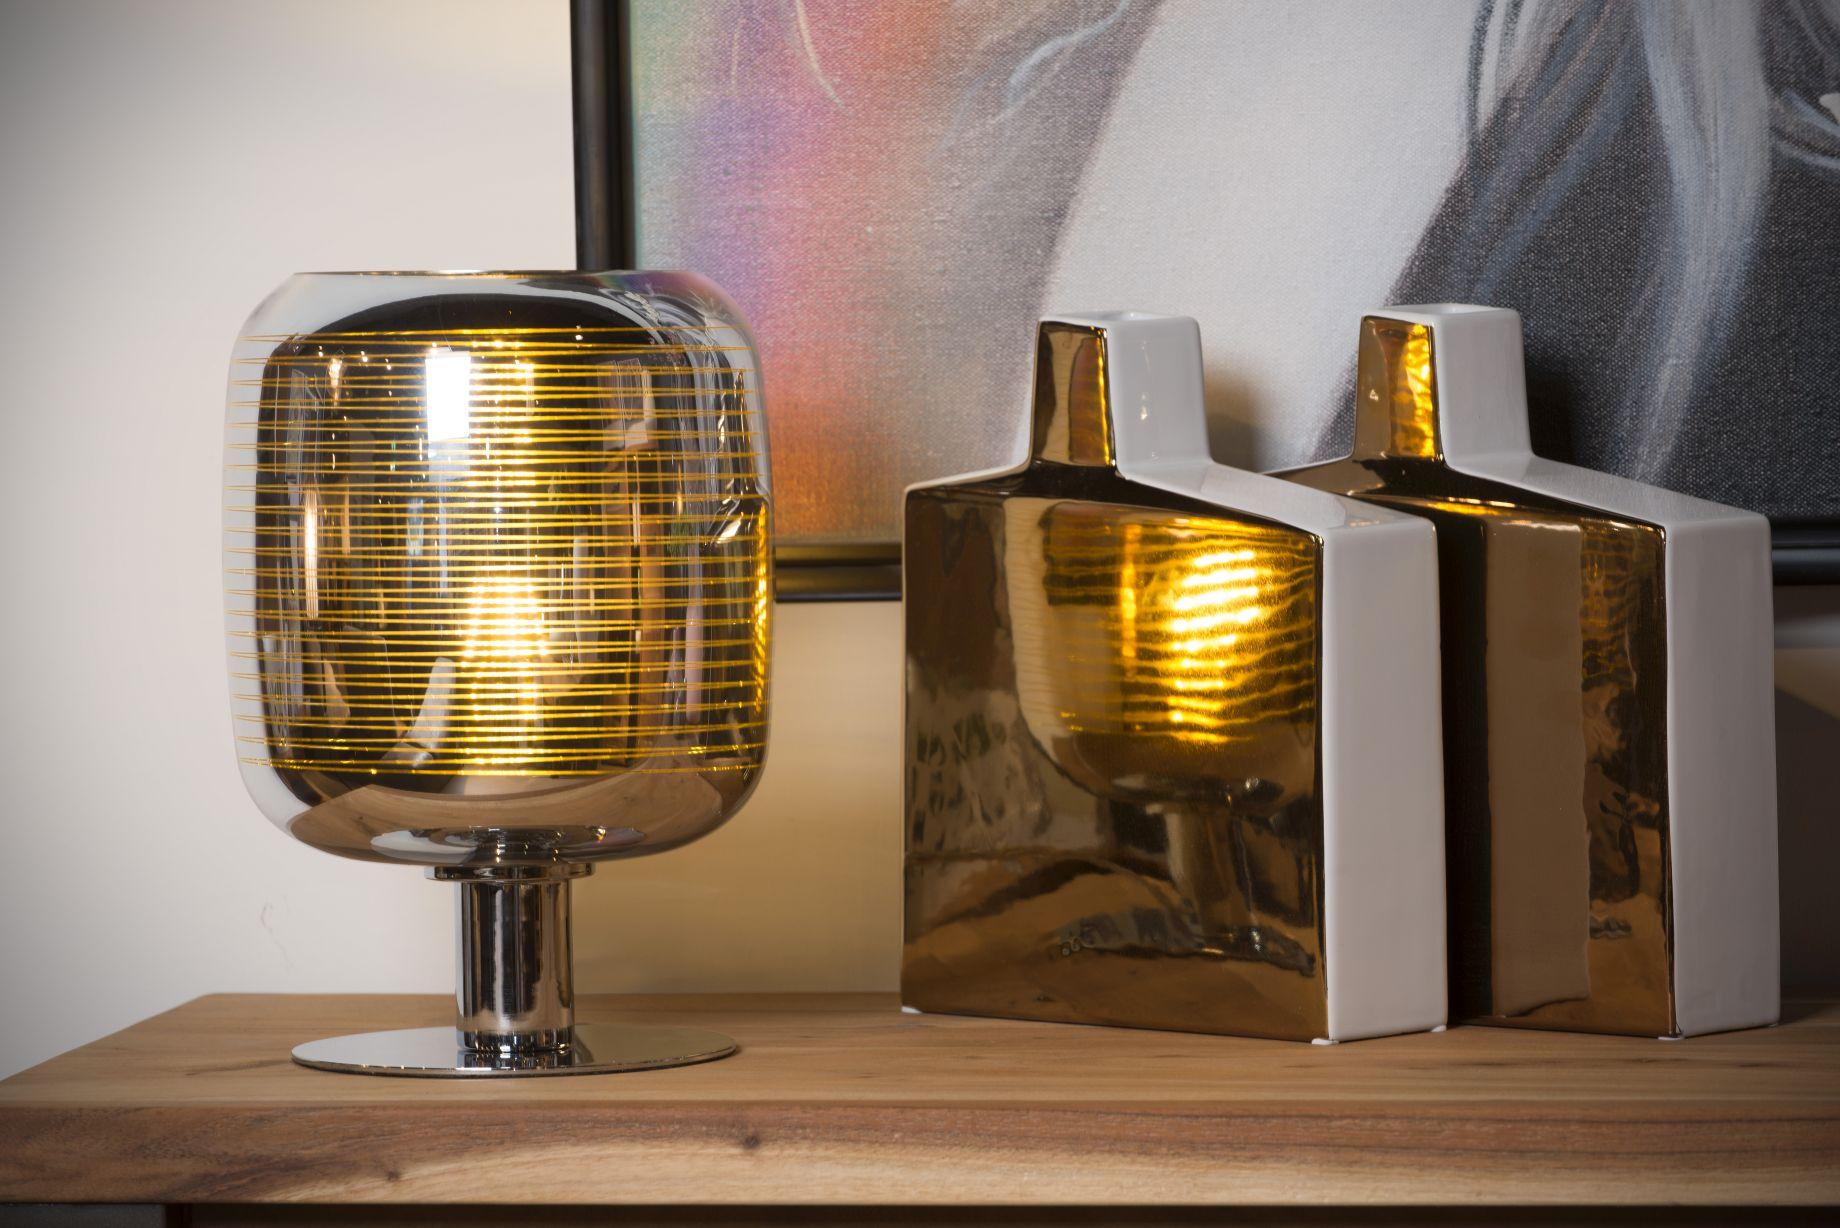 Lampen Voor Buiten : Buitenlamp buitenlampen buitenlampen kopen buiten lamponline